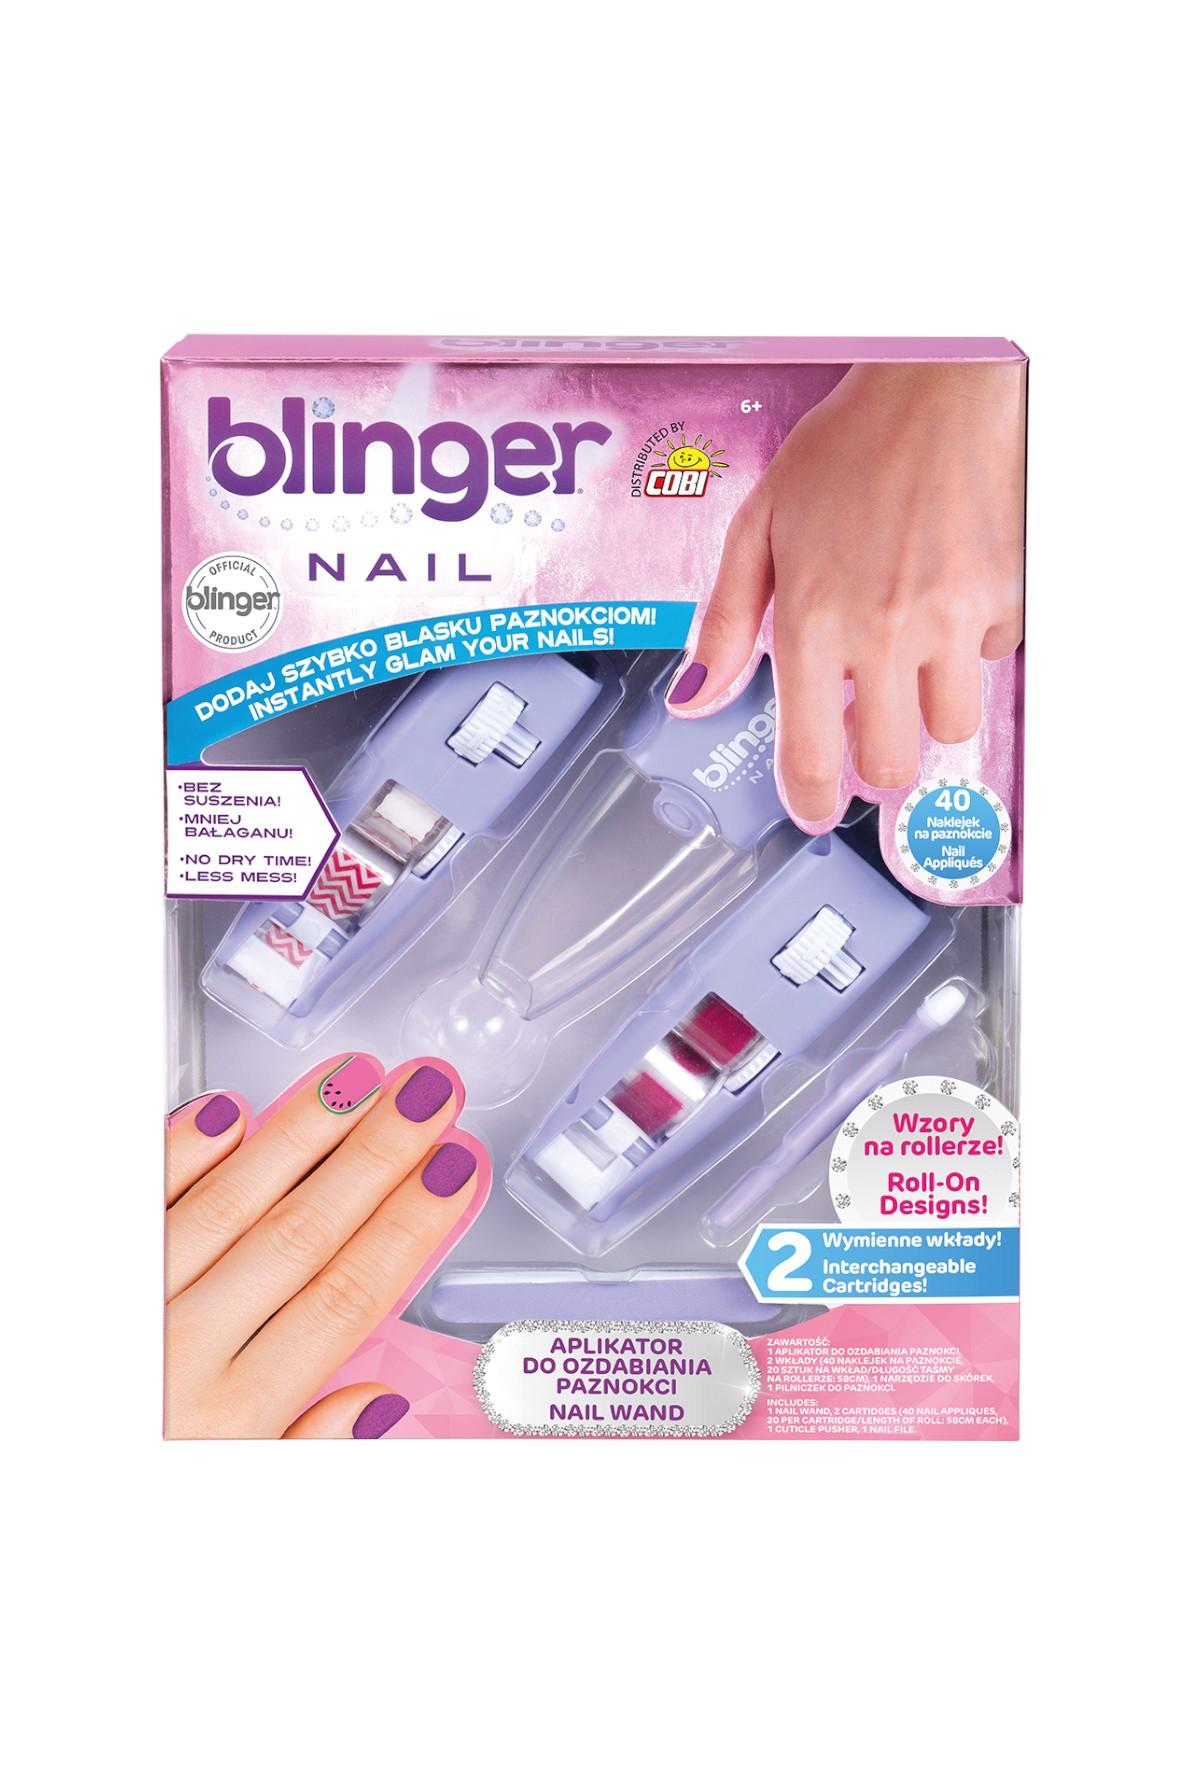 Blinger – Zestaw do ozdabiania paznokci róż wiek 6+